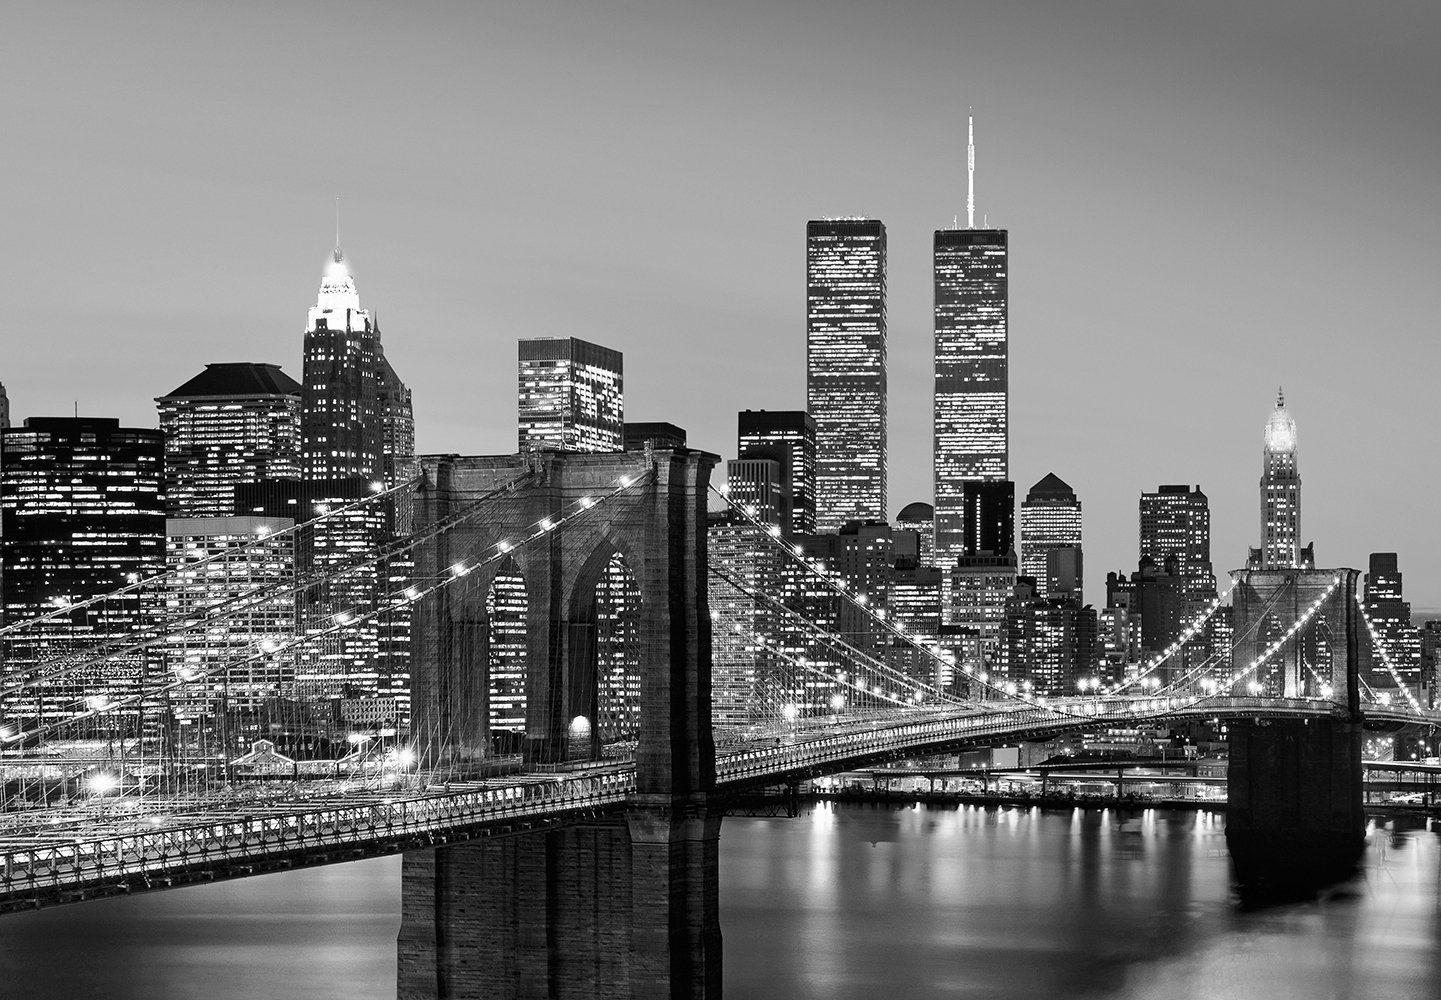 Vliestapete »Manhattan Skyline at Night«, 366x254cm, 8-teilig